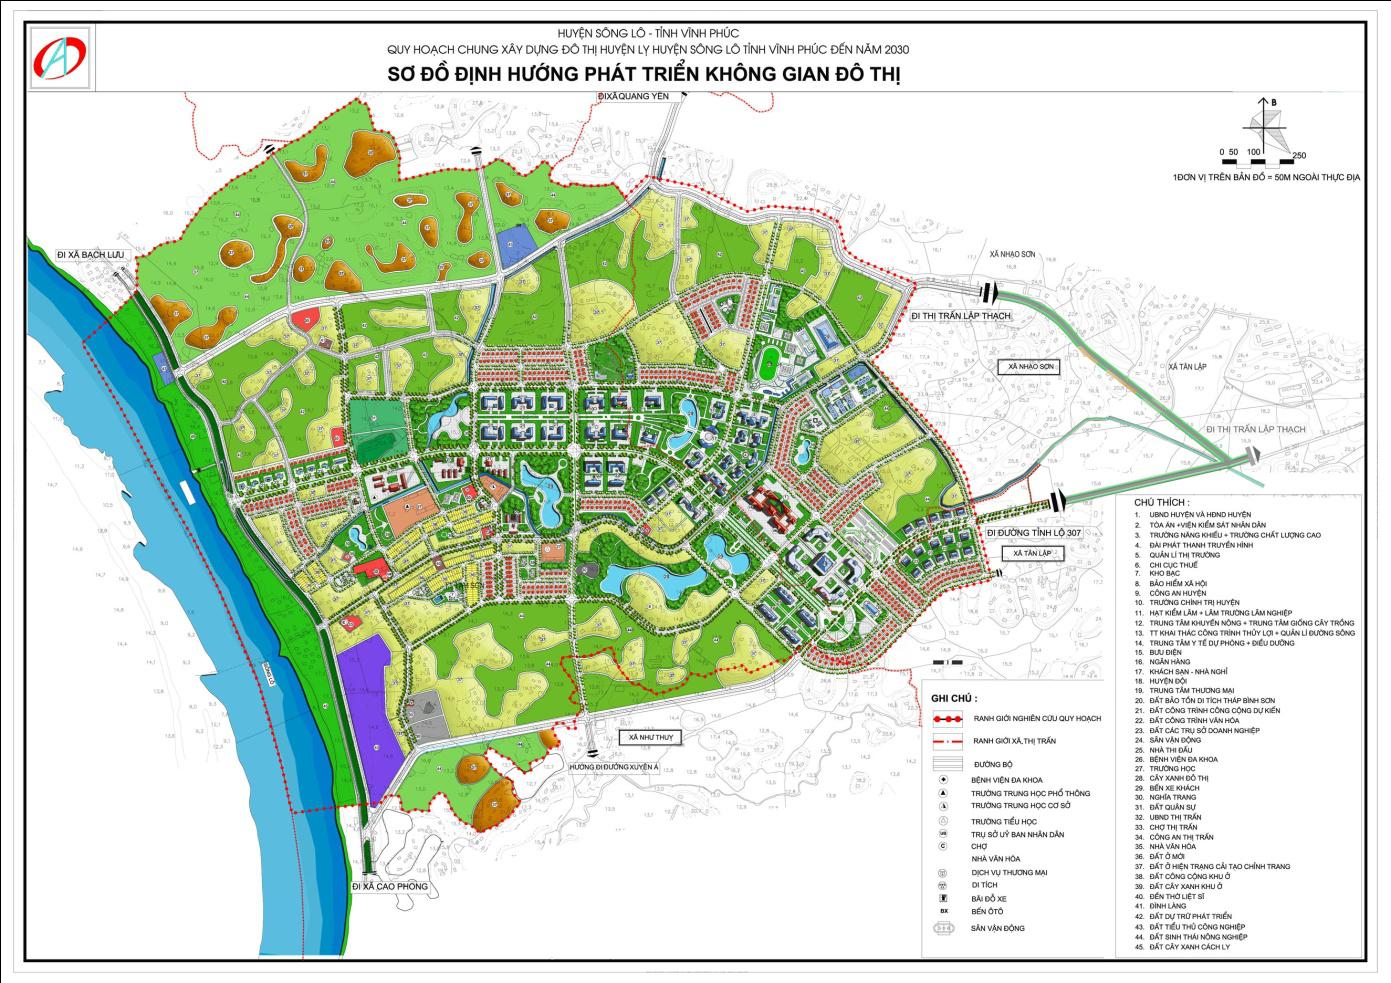 Quy hoạch chung xây dựng đô thị huyện lỵ sông lô - tỉnh vĩnh phúc đến năm 2030